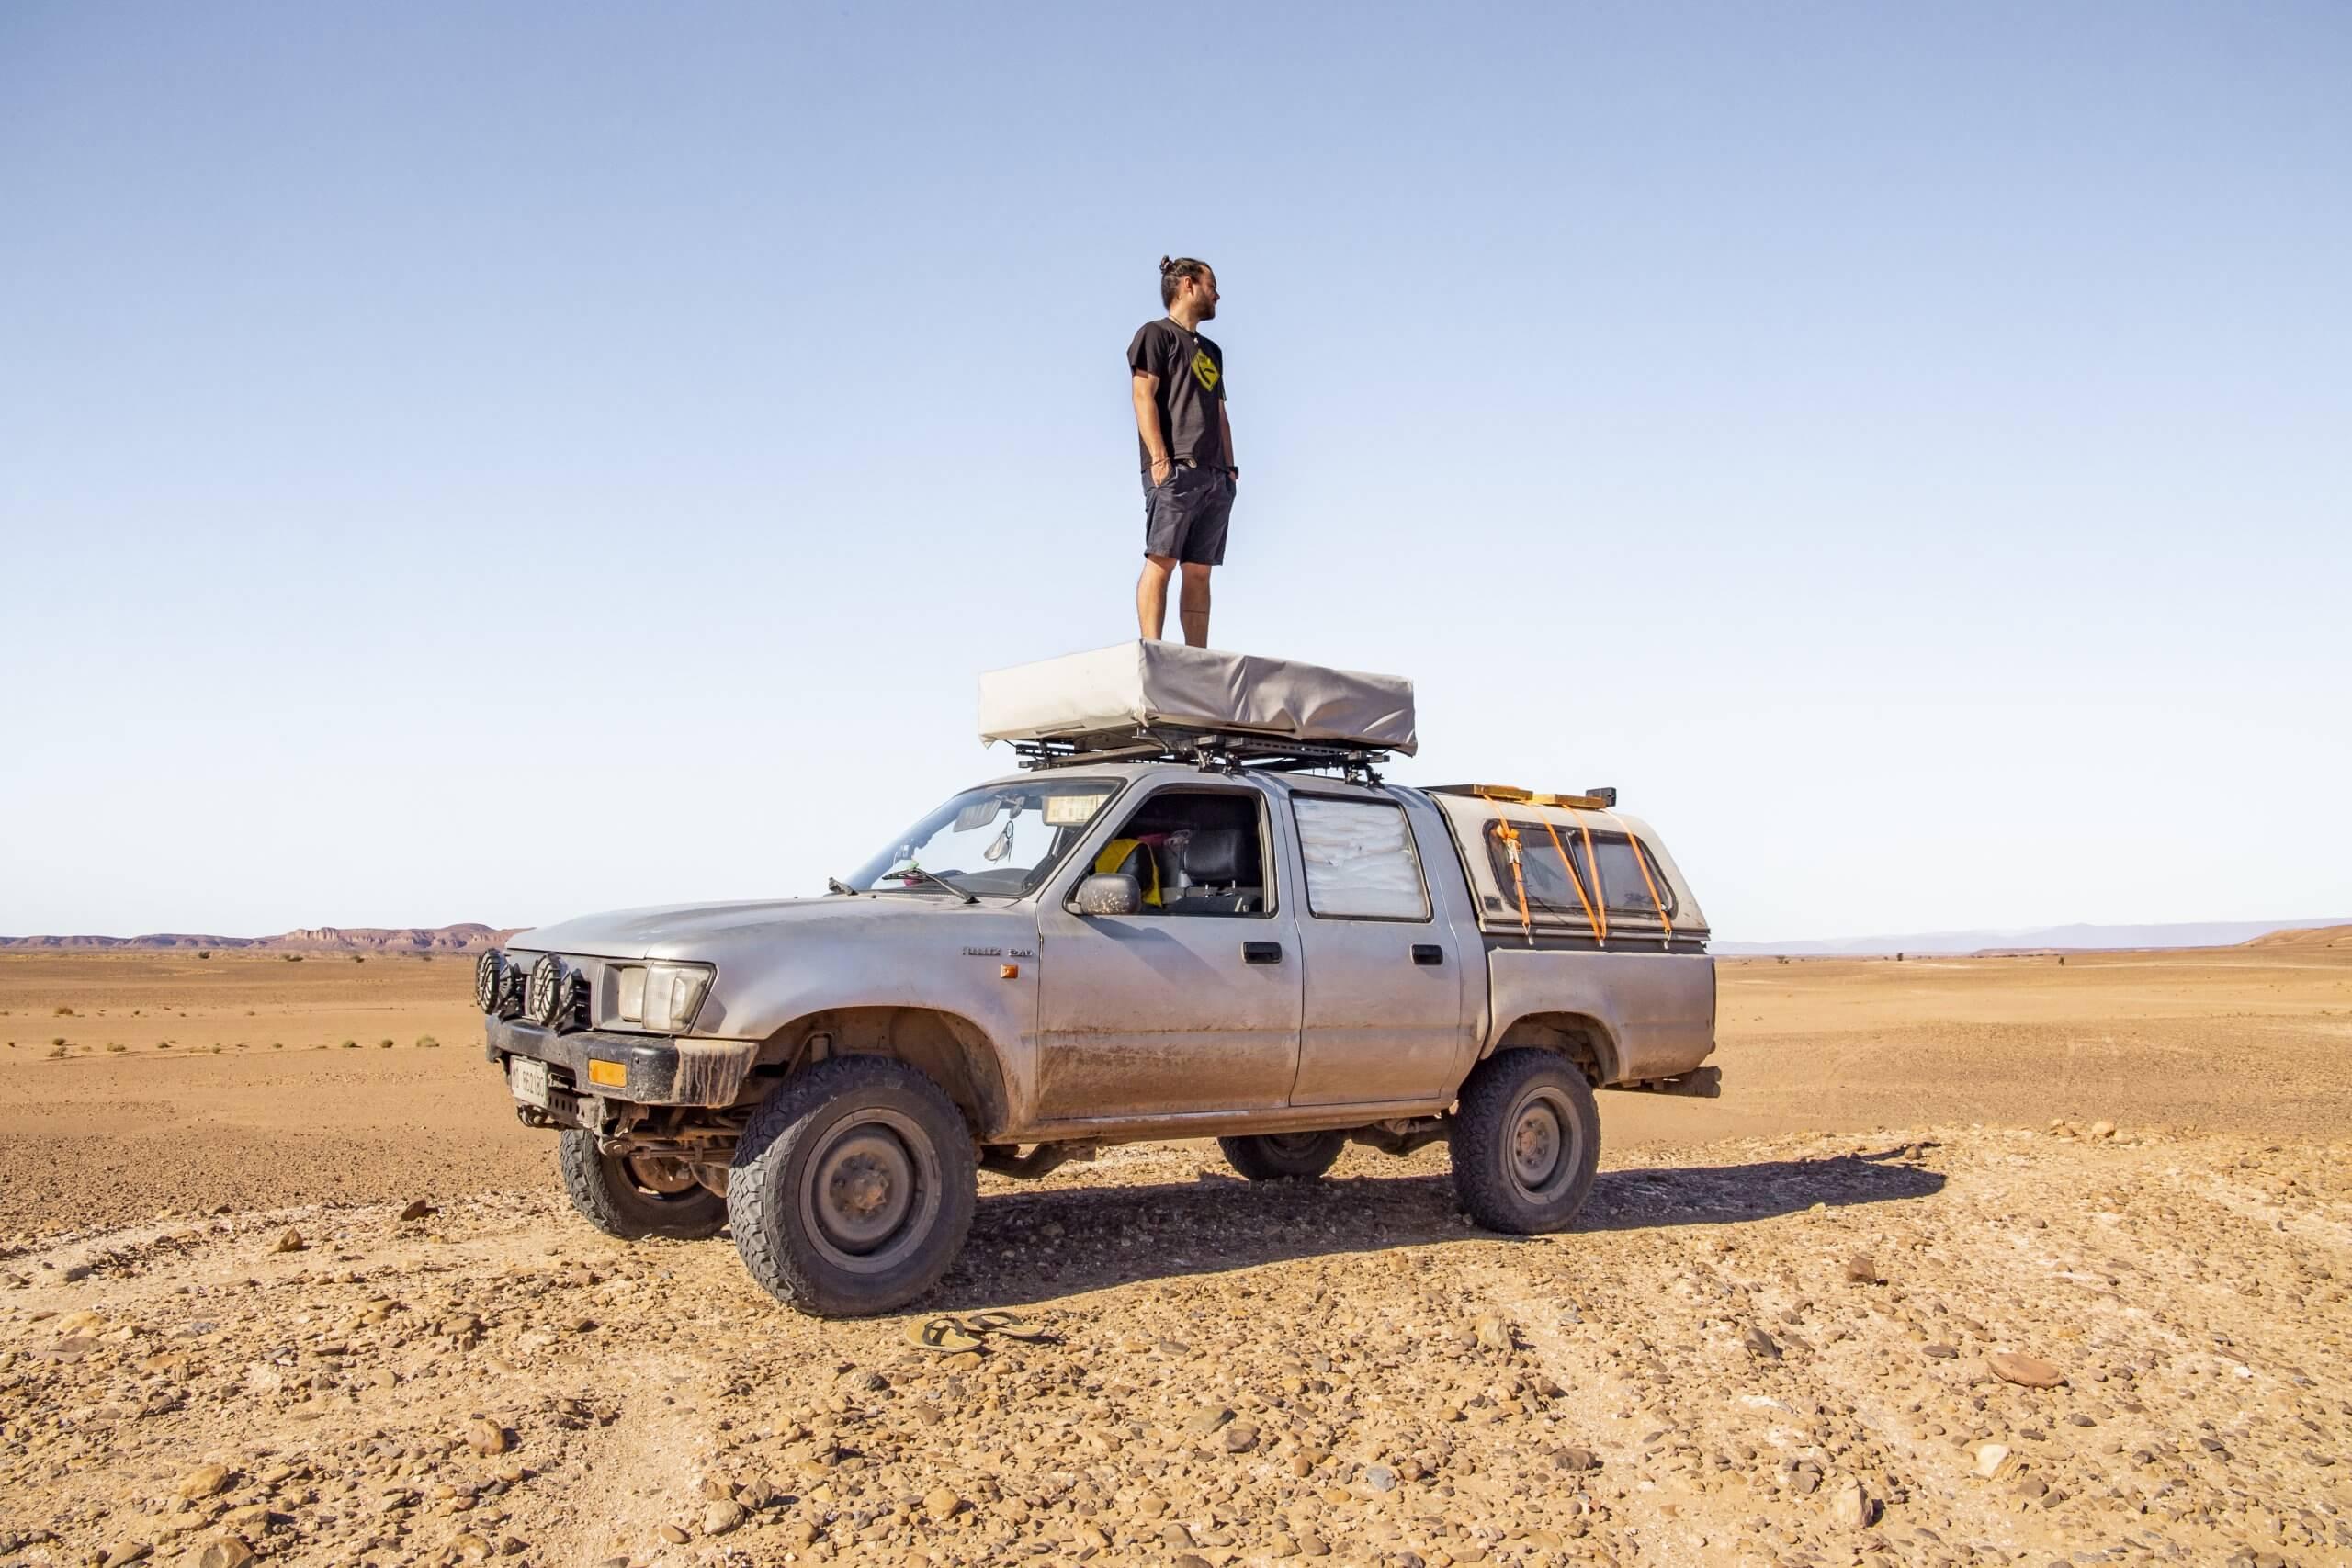 auf dem Weg in die Wüste